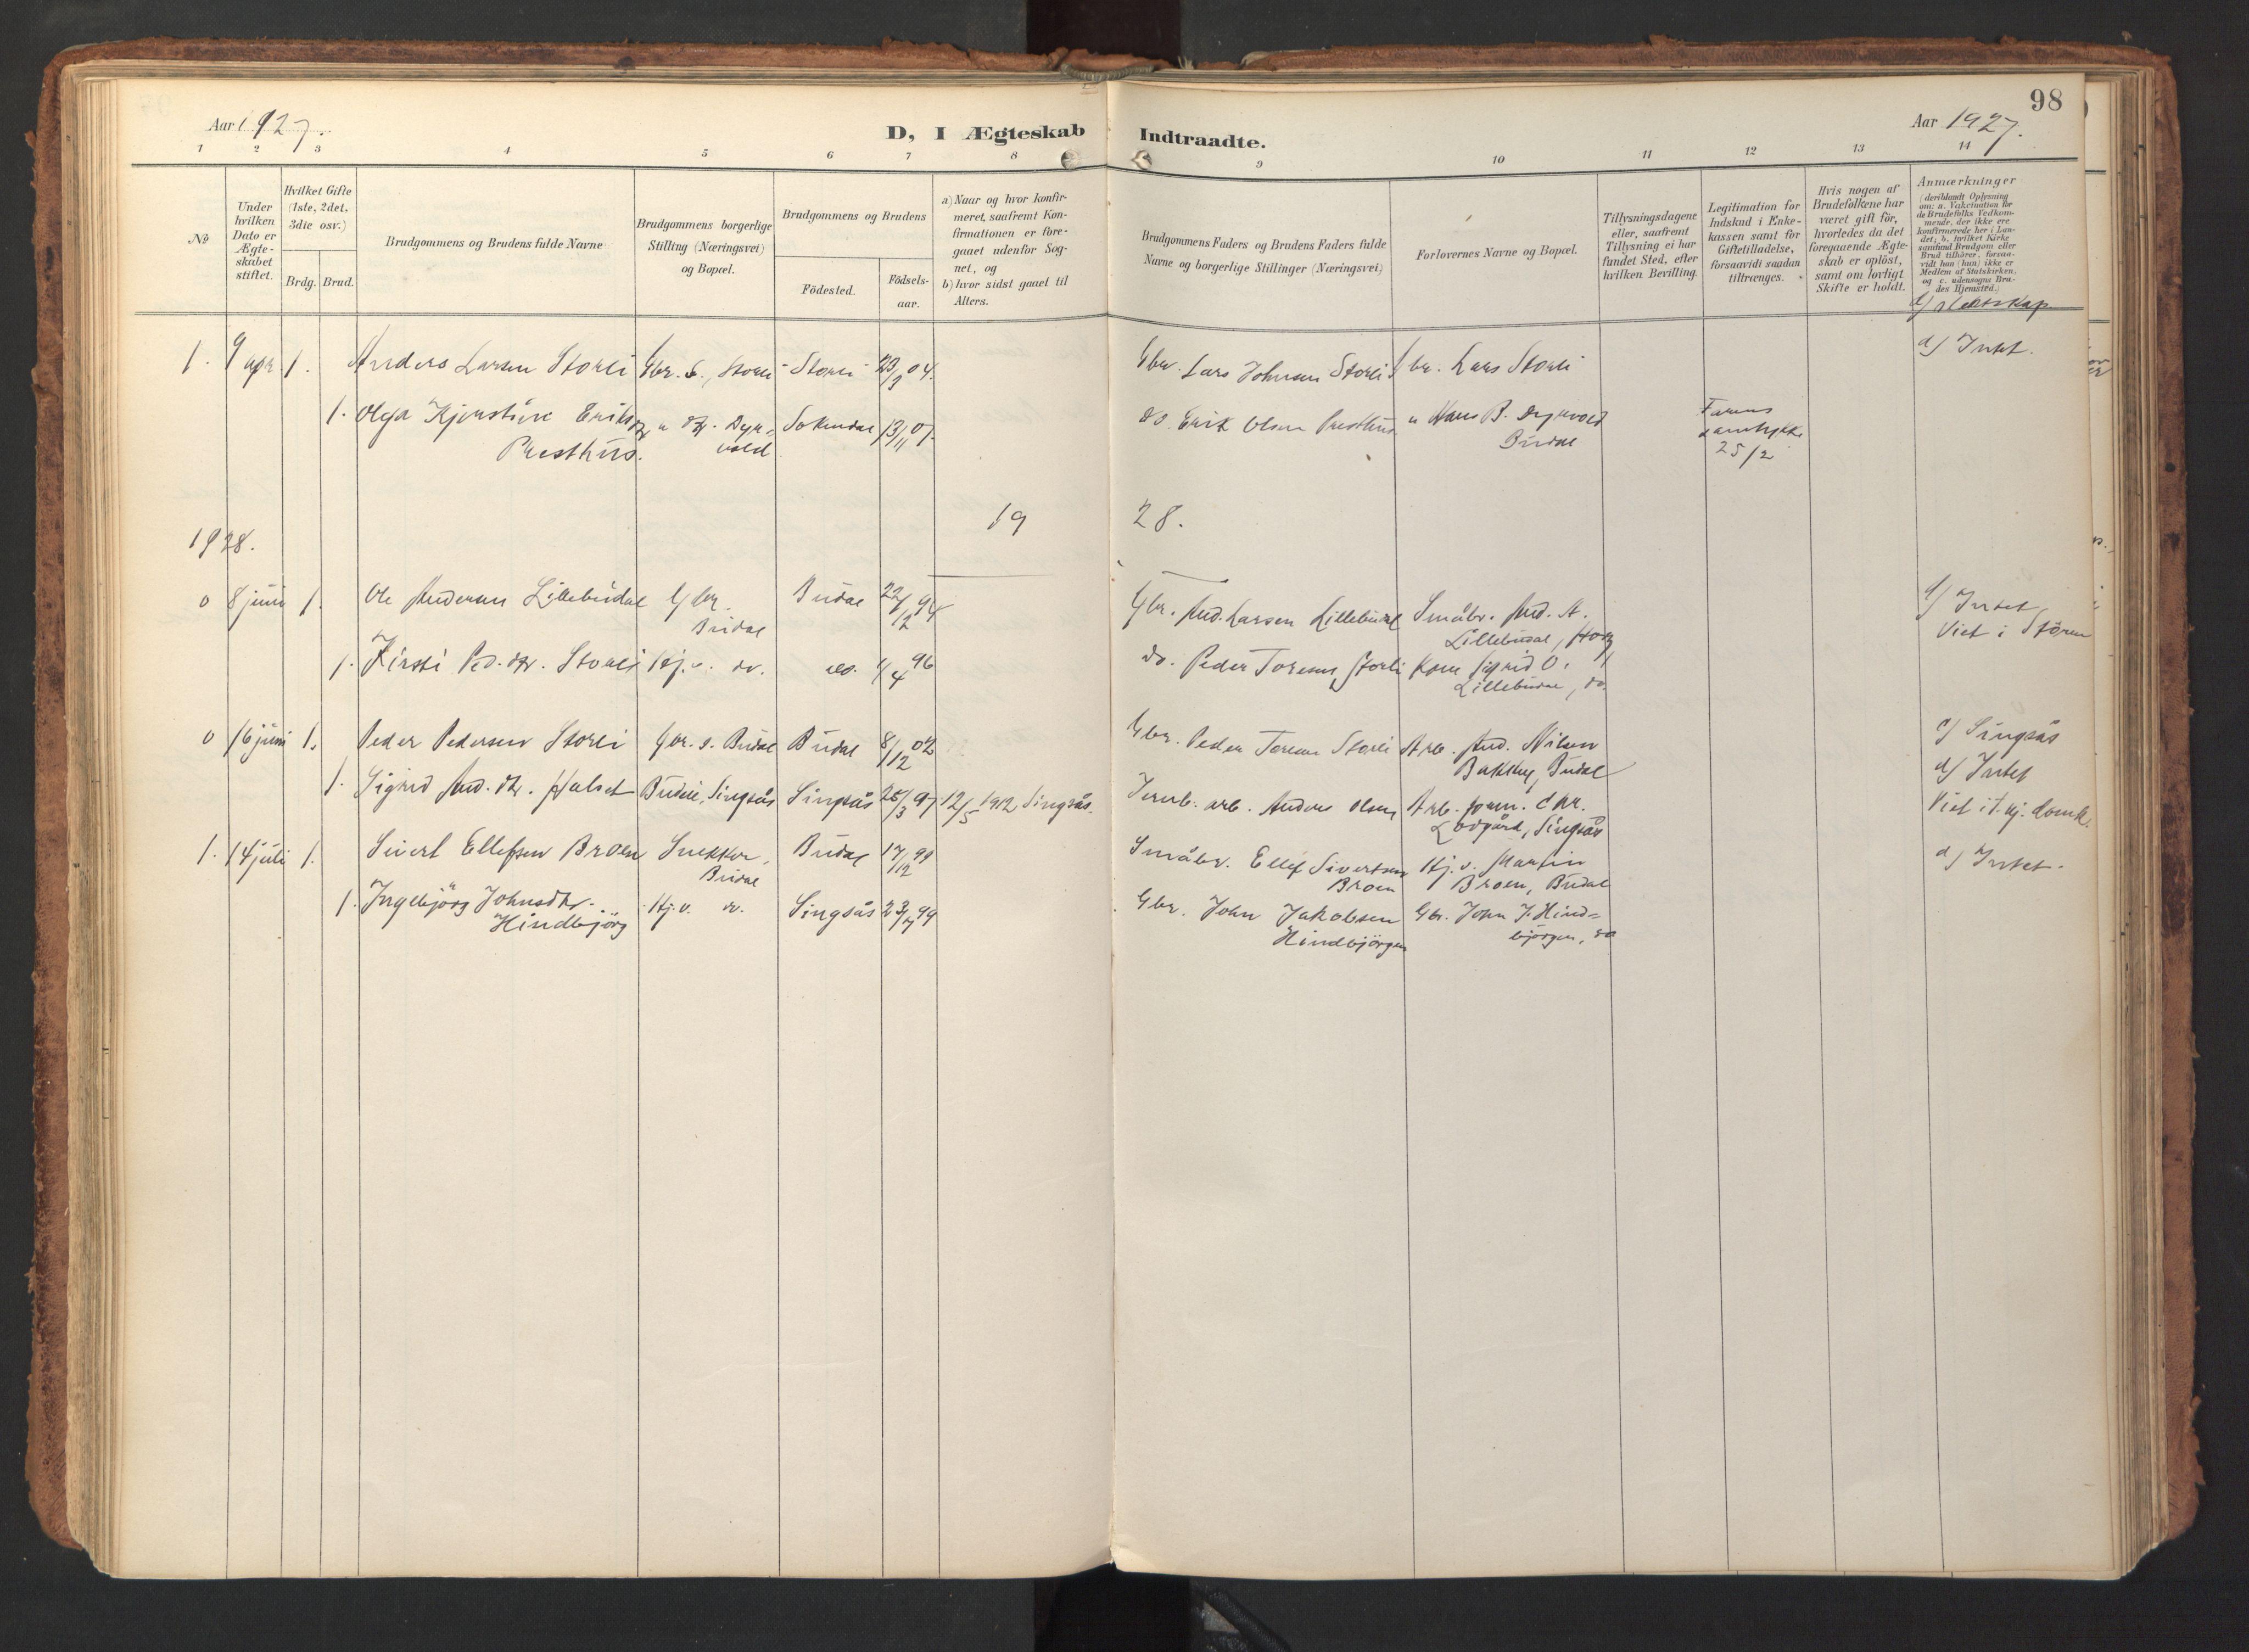 SAT, Ministerialprotokoller, klokkerbøker og fødselsregistre - Sør-Trøndelag, 690/L1050: Ministerialbok nr. 690A01, 1889-1929, s. 98